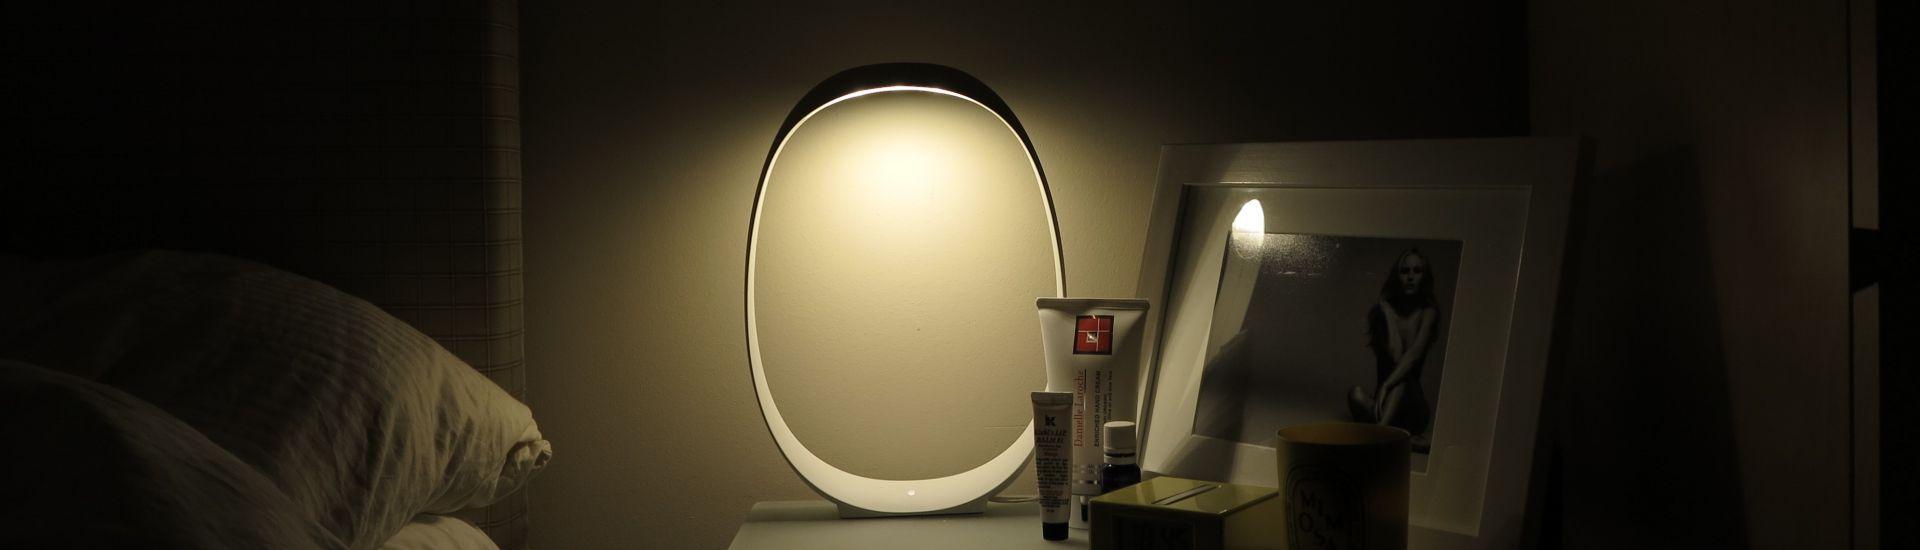 Anisha Tischleuchte Groß 46cm LED 4,5w 3000K mit dimmer weiß